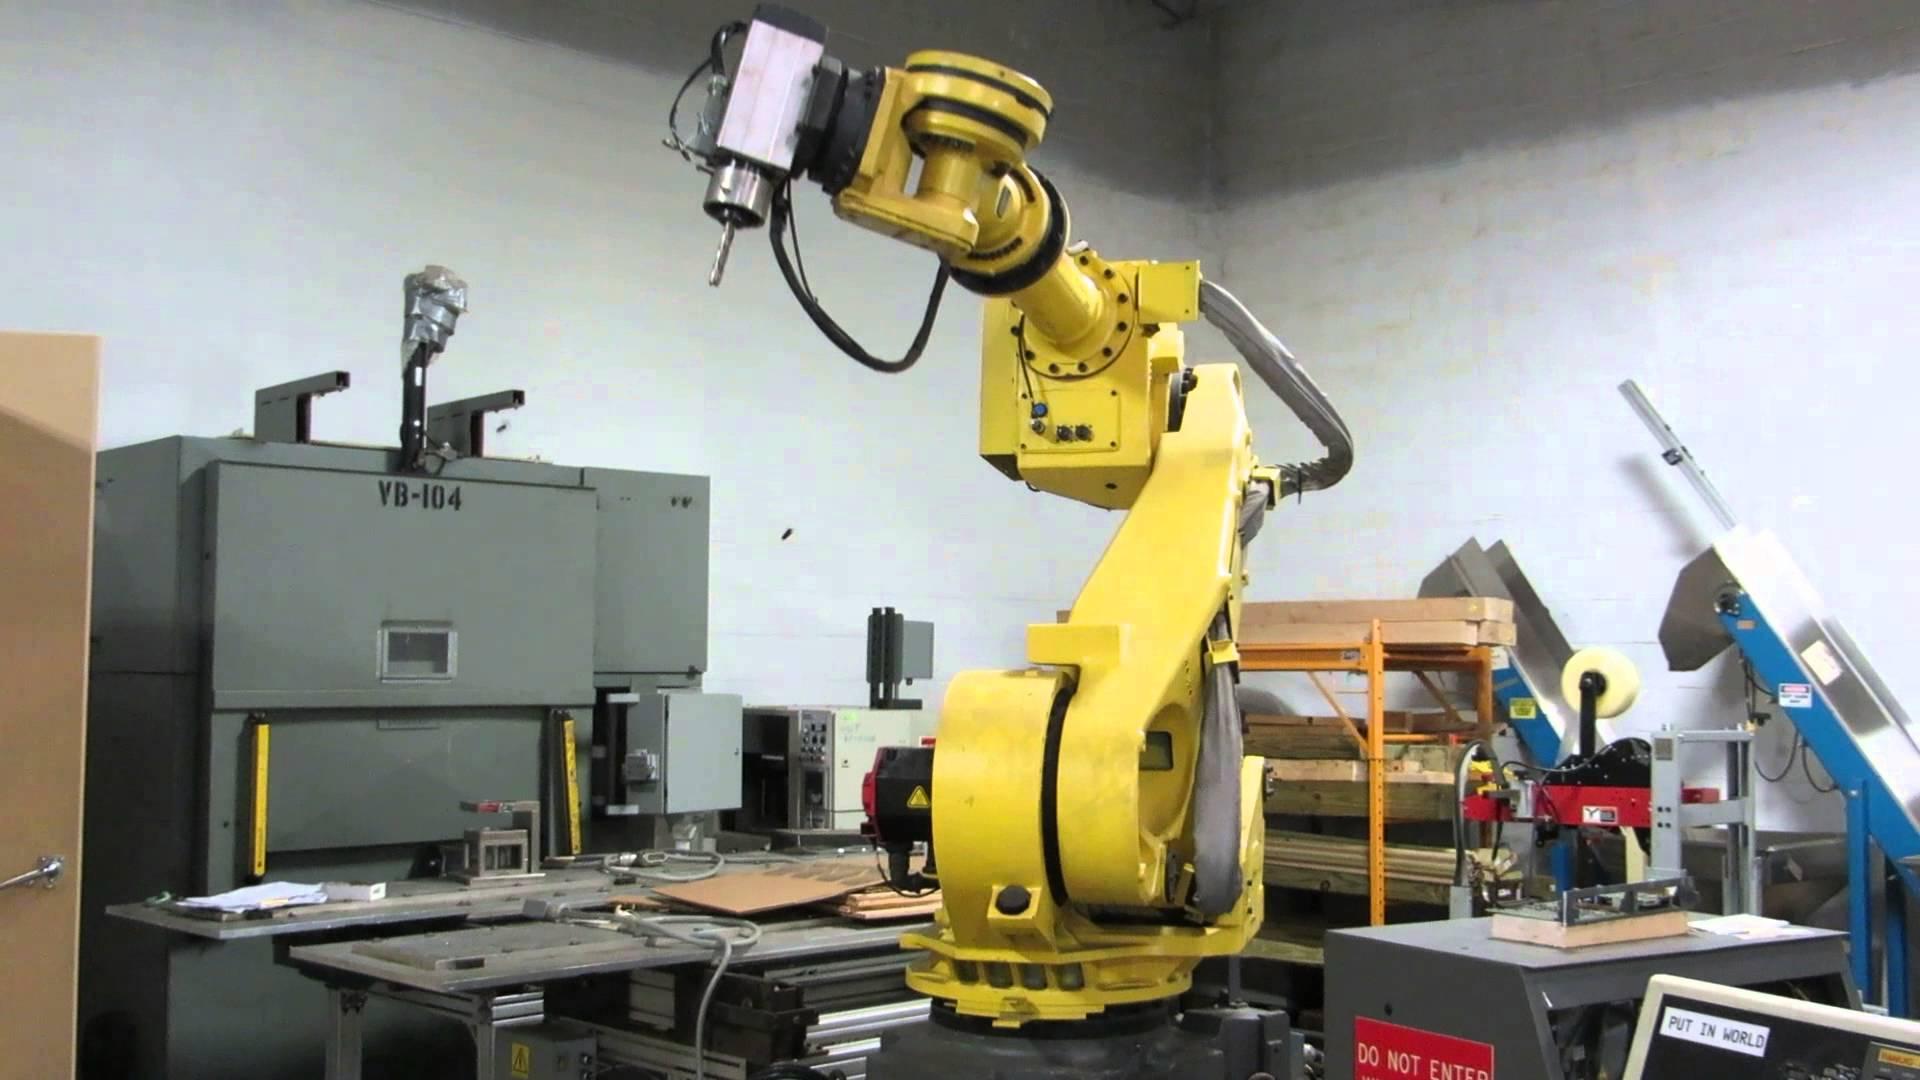 6-axis-robot